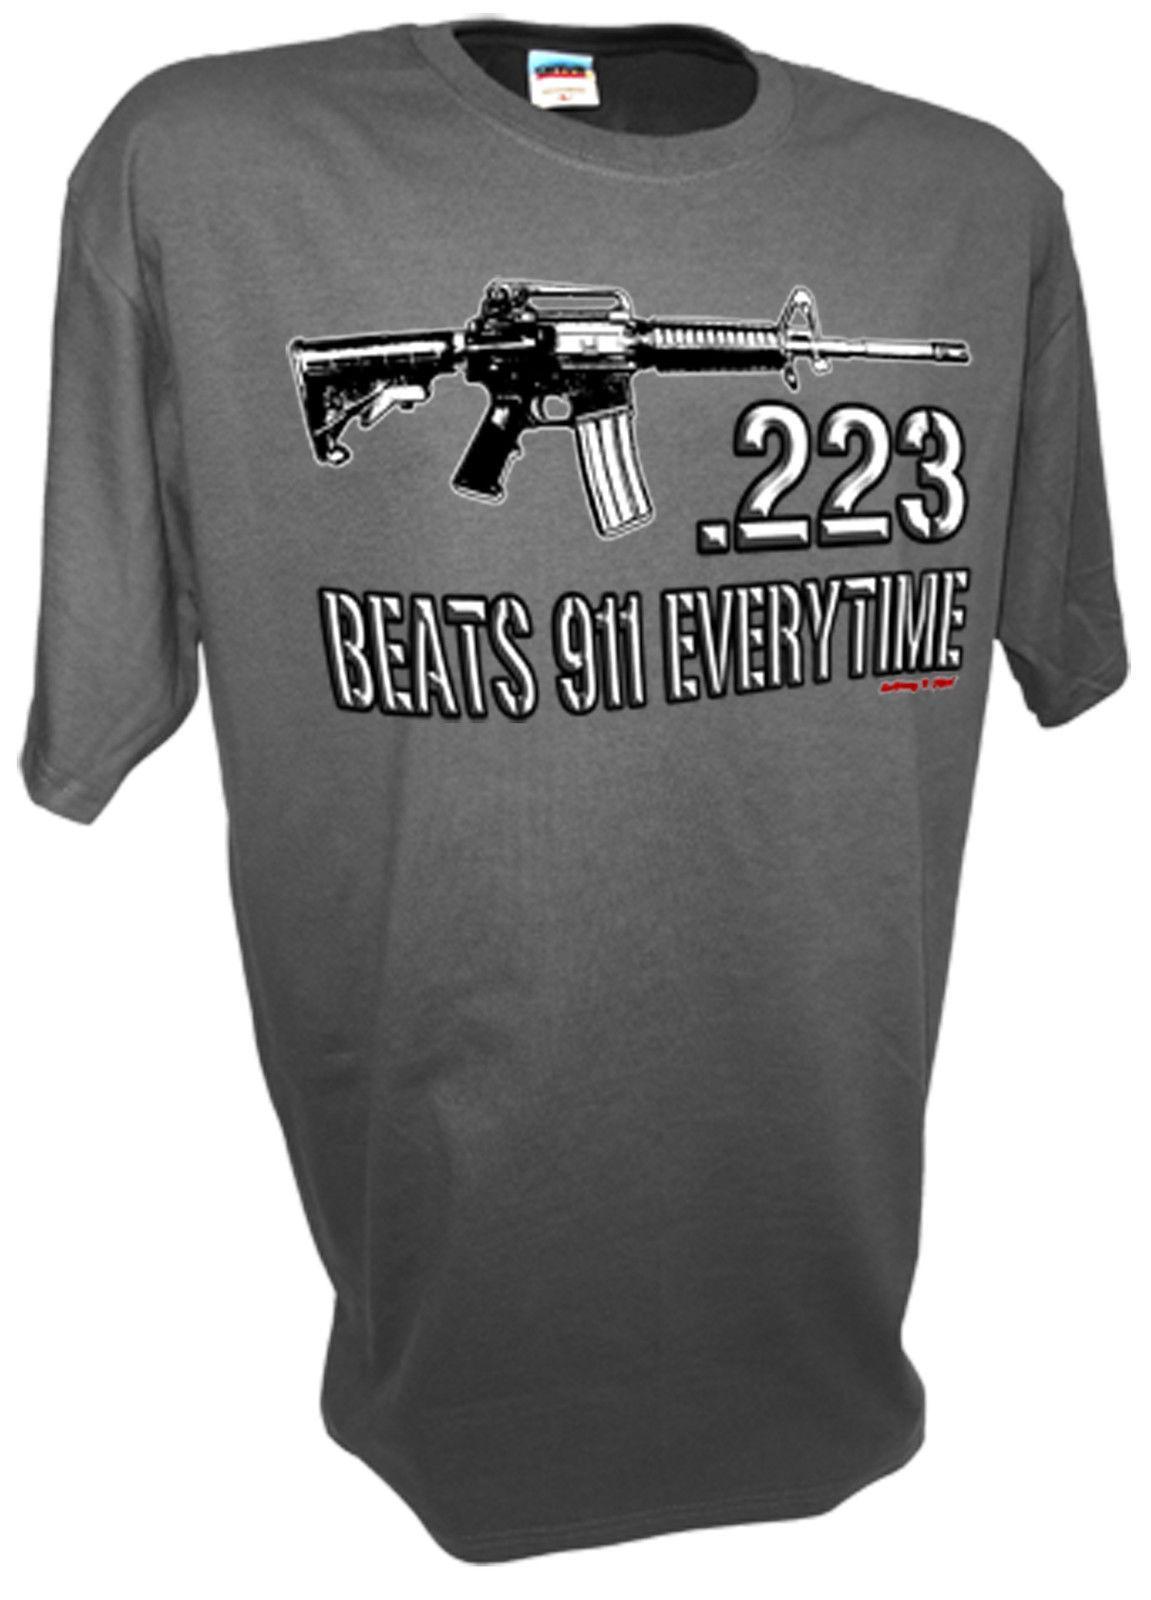 223 Caliber Assault Rifle Ar15 M16 Ak47 Colt 45 1911 Pro Guns Firearms 9mm  Tee 100% Cotton Cool short sleeve tshirt Tops